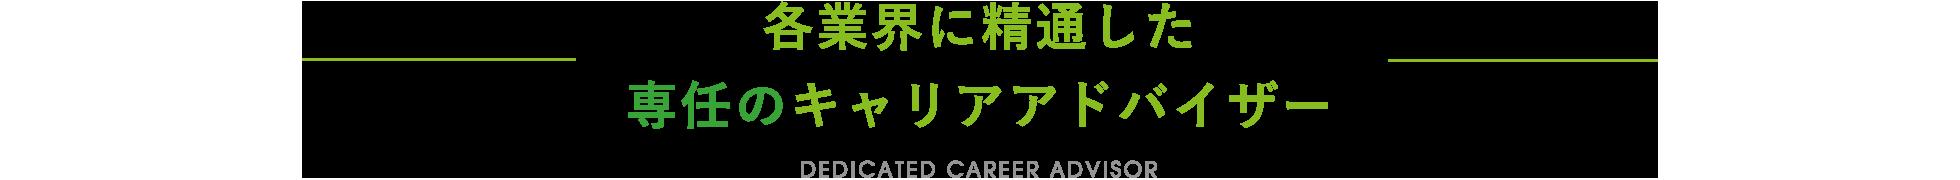 各業界に精通した専任のキャリアアドバイザー / DEDICATED CAREER ADVISOR